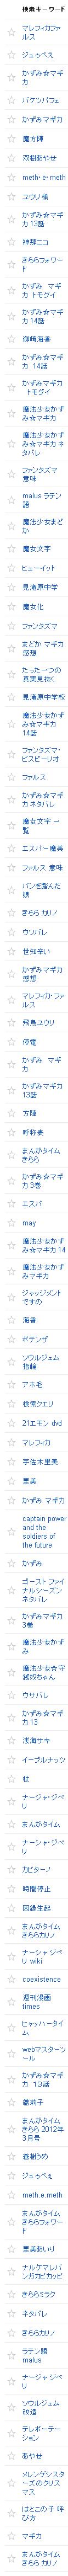 2012/03/02の検索クエリ一覧(ウェブマスターツール)